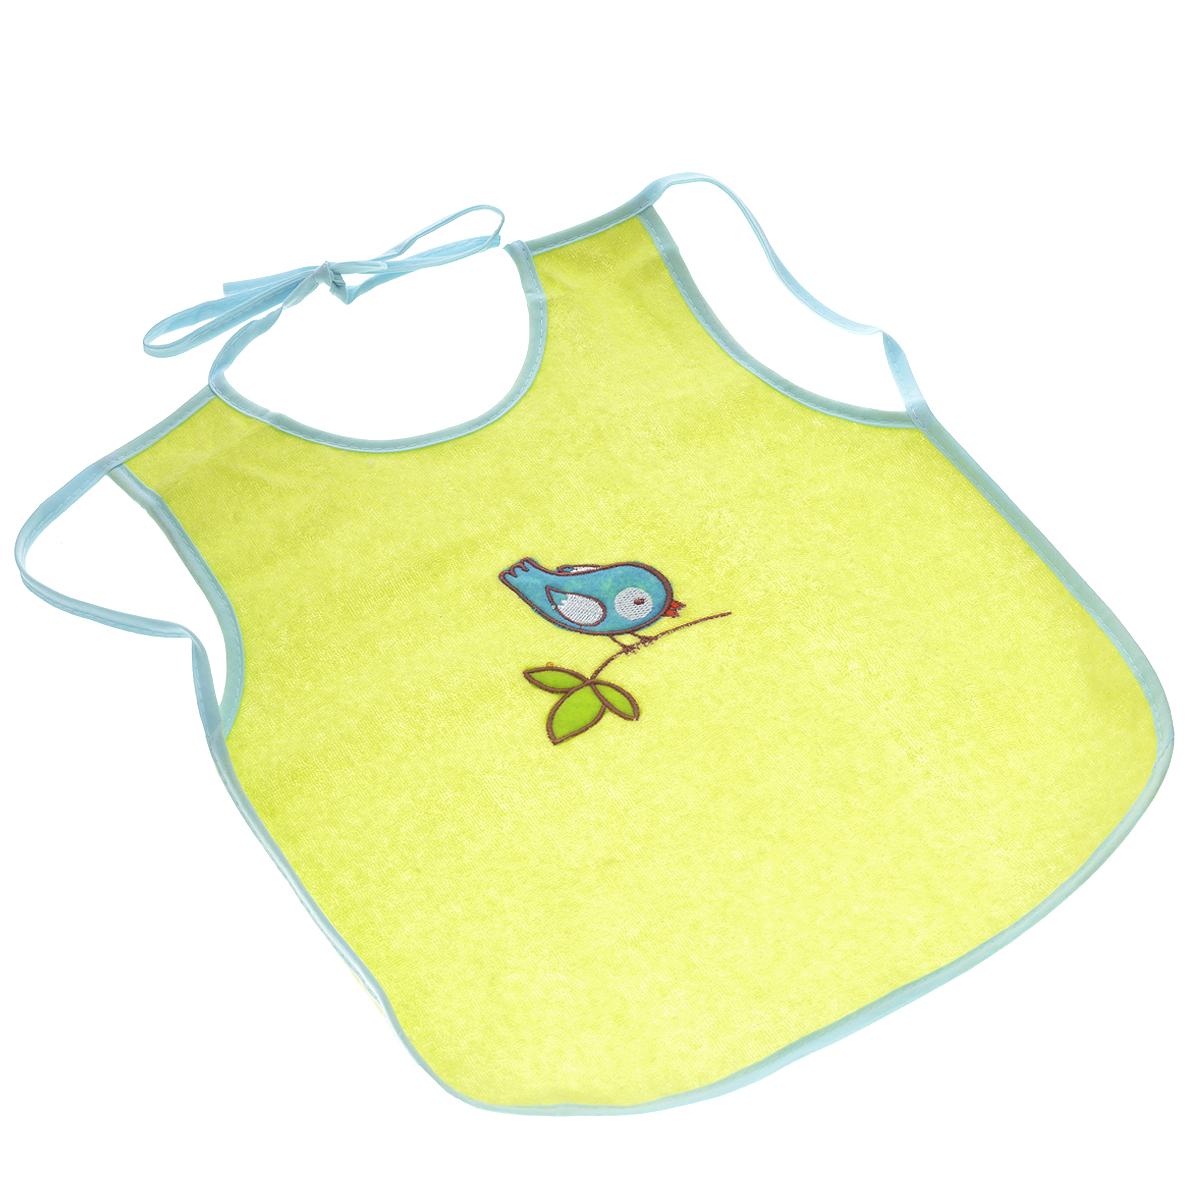 Слюнявчик-фартук Мир детства, цвет: салатовый фиксатор двери мир детства мишка